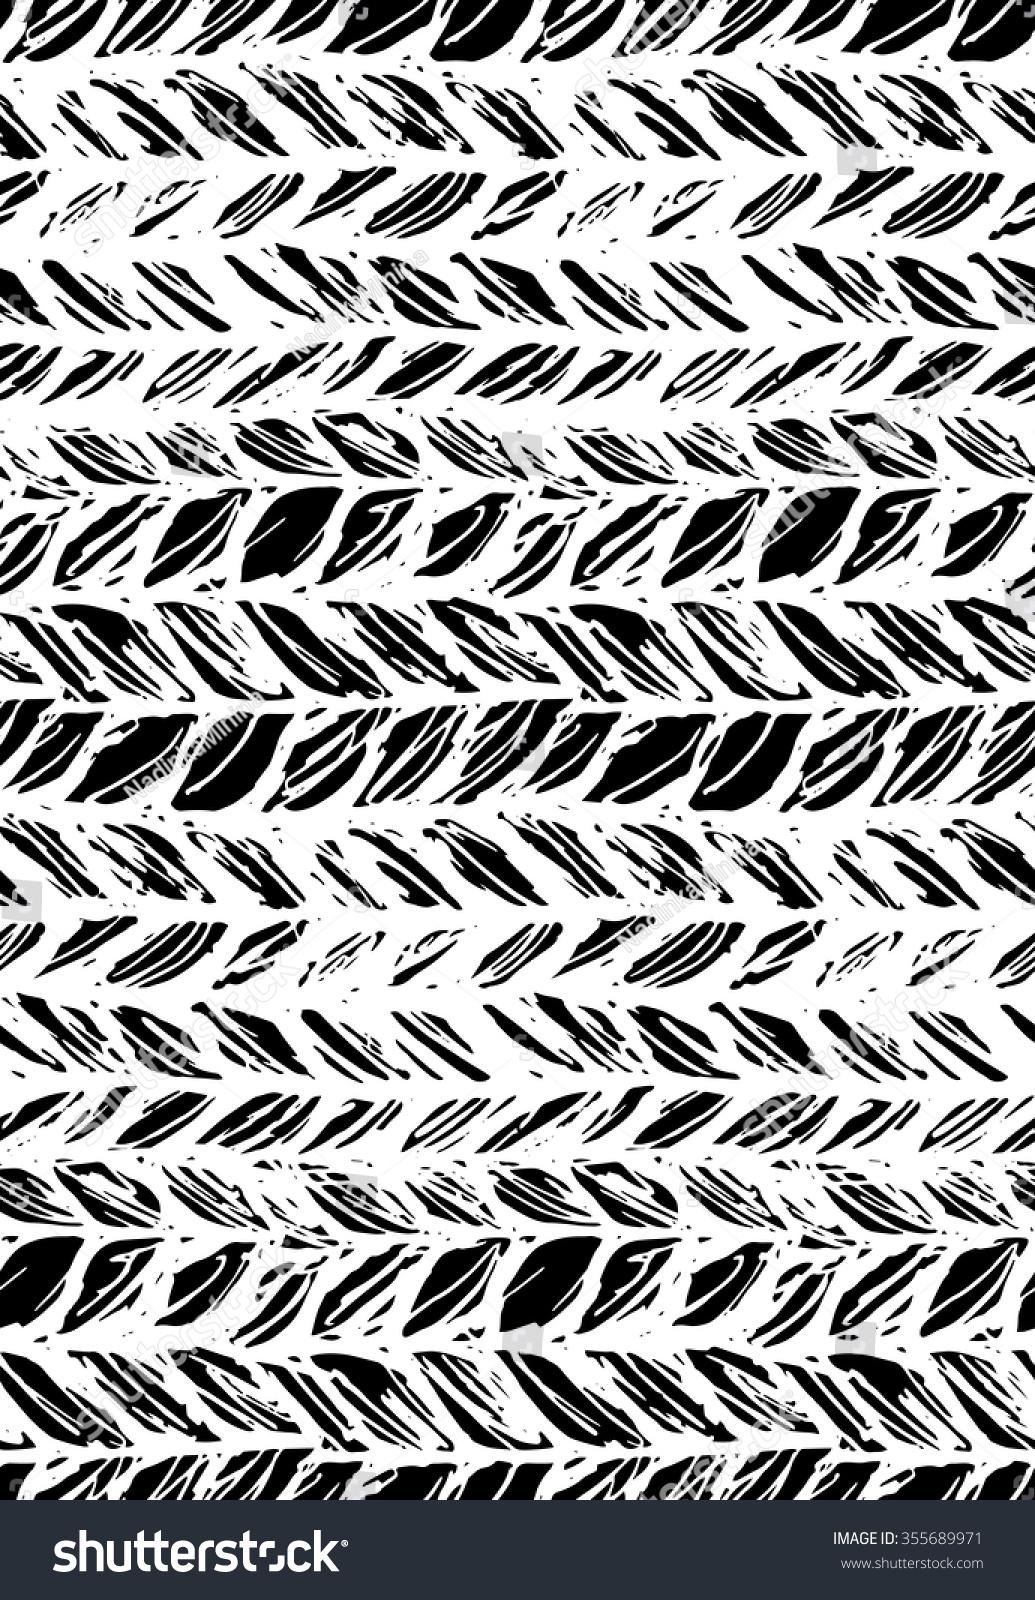 Knitting Texture Drawing : Seamless pattern of knitting braids hand draw stylized